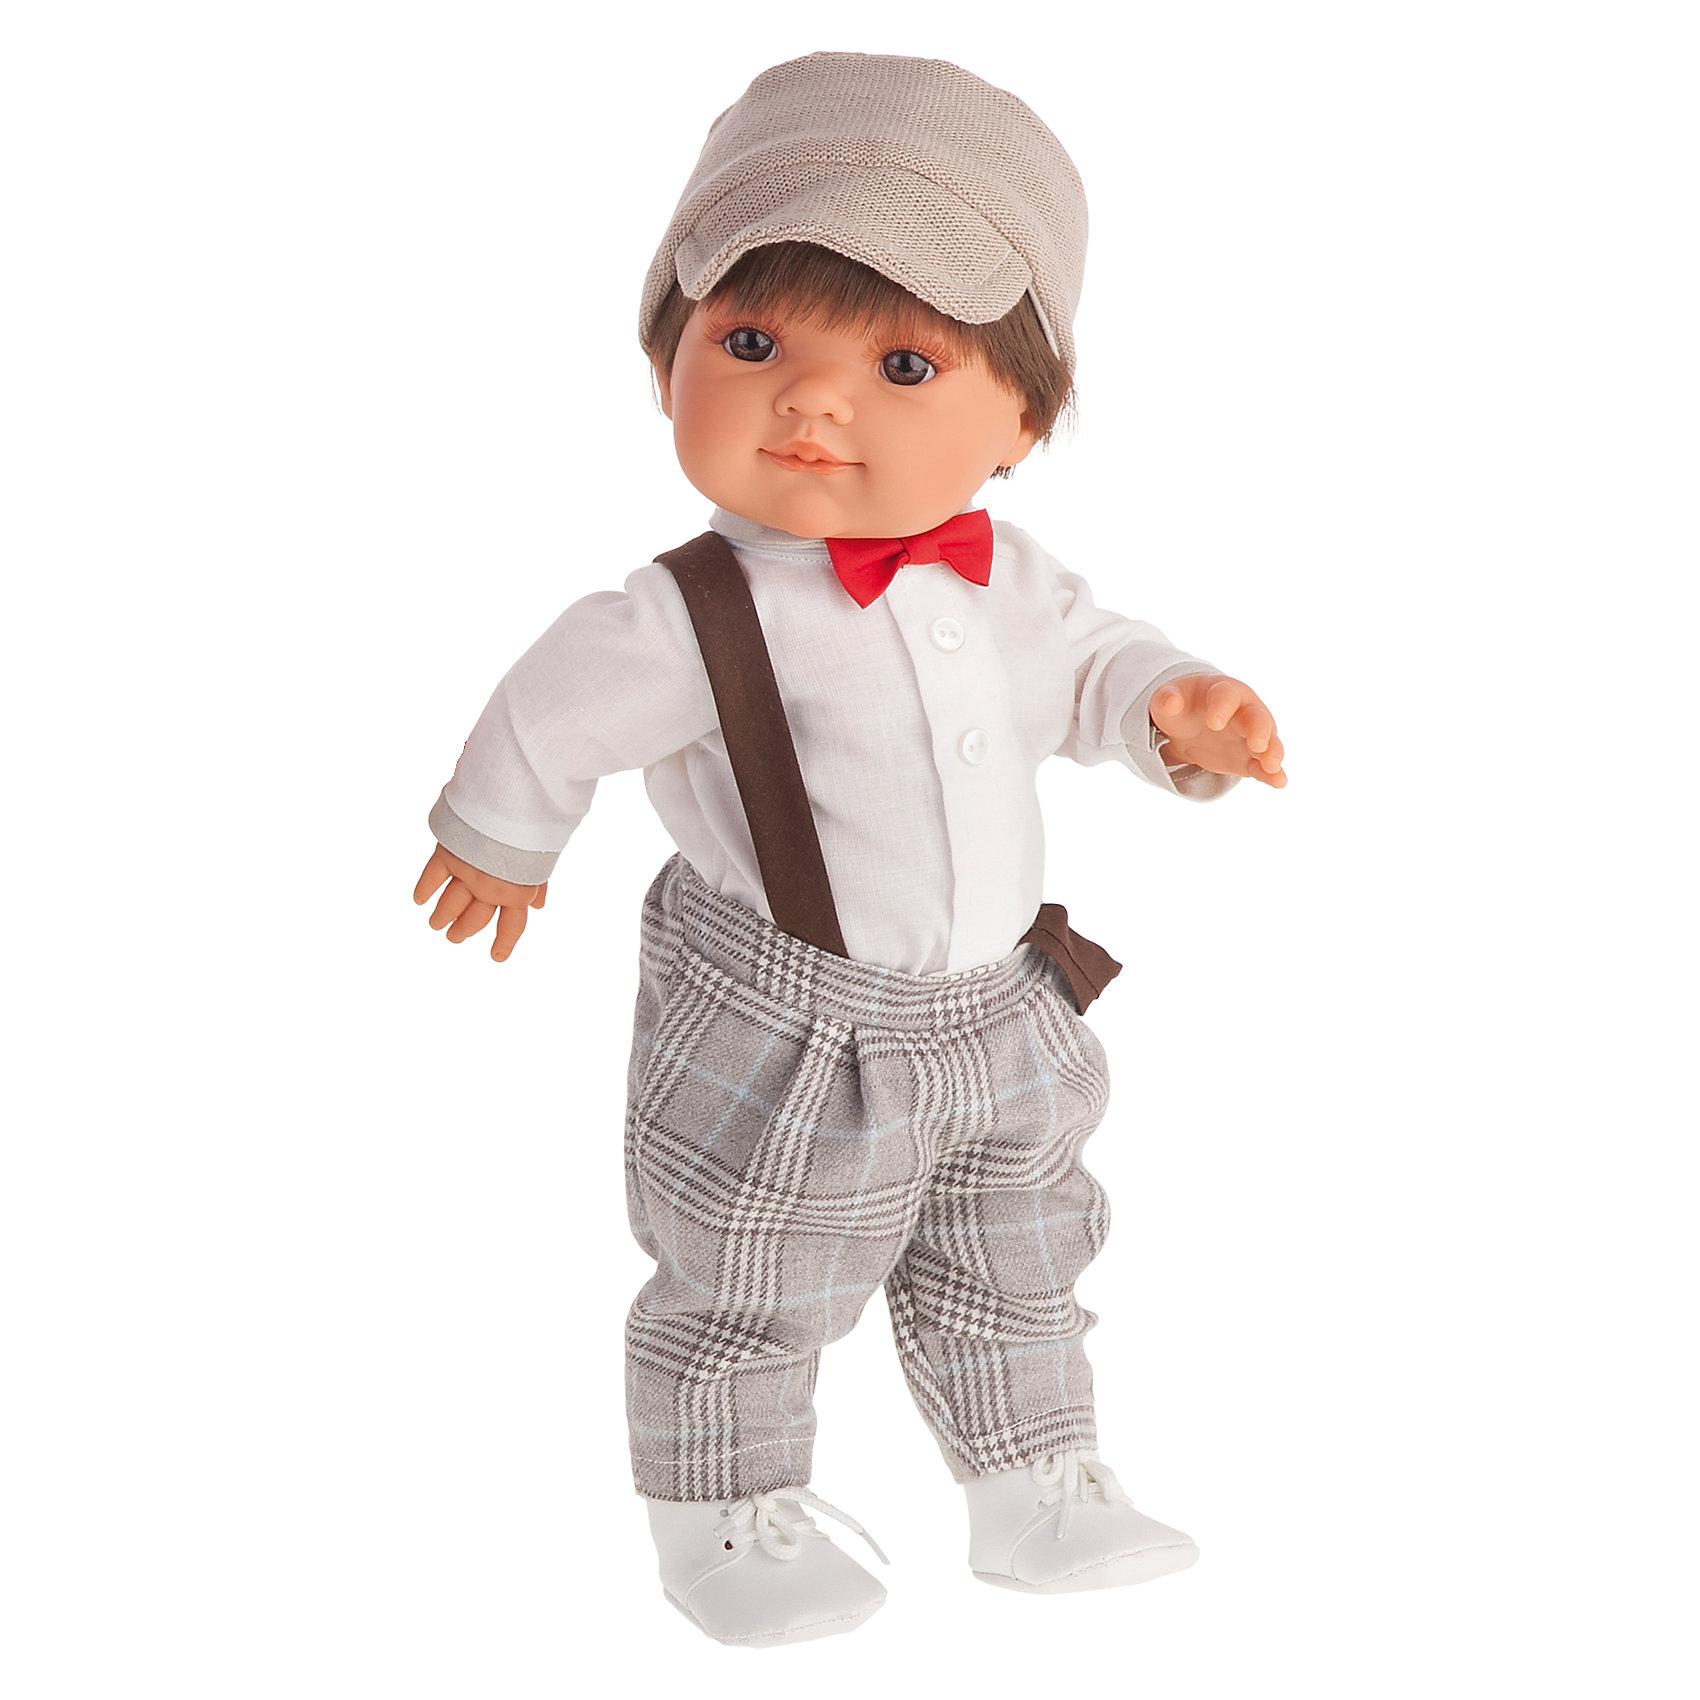 Кукла Фернандо, 38 см, Munecas Antonio JuanБренды кукол<br>Кукла Фернандо, 38 см, Munecas Antonio Juan (Мунекас от Антонио Хуан) ? это очаровательный и стильный мальчик от всемирно известного испанского бренда Мунекас от Антонио Хуан, который знаменит своими реалистичными куклами. Кукла изготовлена из винила высшего качества, ручки и ножки подвижны, глазки не закрываются, голова поворачивается в стороны. <br>Кукла Фернандо, 38 см, Munecas Antonio Juan (Мунекас от Антонио Хуан) разработана с учетом анатомических особенностей и мимики младенцев. У него карие глаза, а из-под кепки пробиваются короткие каштановые волосы. Играя с Фернандо, ваш ребенок научится опрятности и аккуратности в одежде, научится стильно и красиво одеваться.<br>У Фернандо праздничный наряд: белая рубашка, клетчатые брюки на подтяжках и белоснежные ботинки. Ярким элементом наряда является ярко-красная бабочка, повязанная под воротником рубашки.<br>Кукла Фернандо, 38 см, Munecas Antonio Juan (Мунекас от Антонио Хуан) ? идеальный подарок для девочки любого возраста!<br><br>Дополнительная информация:<br><br>- Вид игр: сюжетно-ролевые игры <br>- Материал: винил, текстиль<br>- Высота куклы: 38 см<br>- Вес: 19 кг 728 г<br>- Особенности ухода: одежда ? ручная стирка, куклу можно мыть <br><br>Подробнее:<br><br>• Для детей в возрасте: от 3 лет и до 6 лет<br>• Страна производитель: Испания<br>• Торговый бренд: JUAN ANTONIO munecas <br><br>Куклу Фернандо, 38 см, Munecas Antonio Juan (Мунекас от Антонио Хуан) можно купить в нашем интернет-магазине.<br><br>Ширина мм: 440<br>Глубина мм: 245<br>Высота мм: 120<br>Вес г: 1978<br>Возраст от месяцев: 36<br>Возраст до месяцев: 72<br>Пол: Женский<br>Возраст: Детский<br>SKU: 4792877